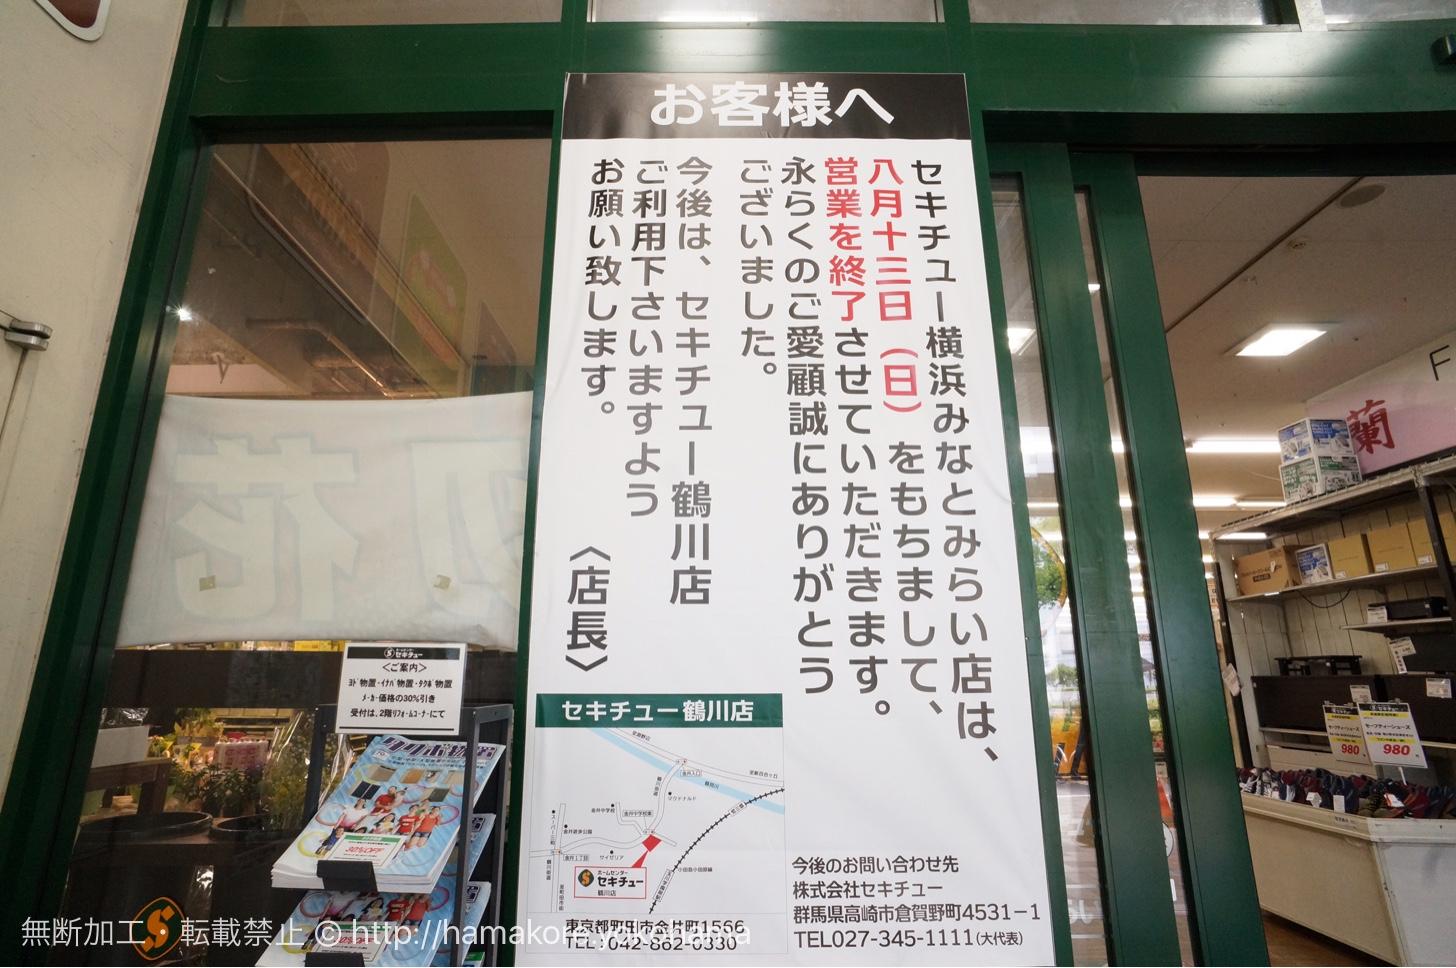 セキチュー 横浜みなとみらい店 閉店のお知らせ